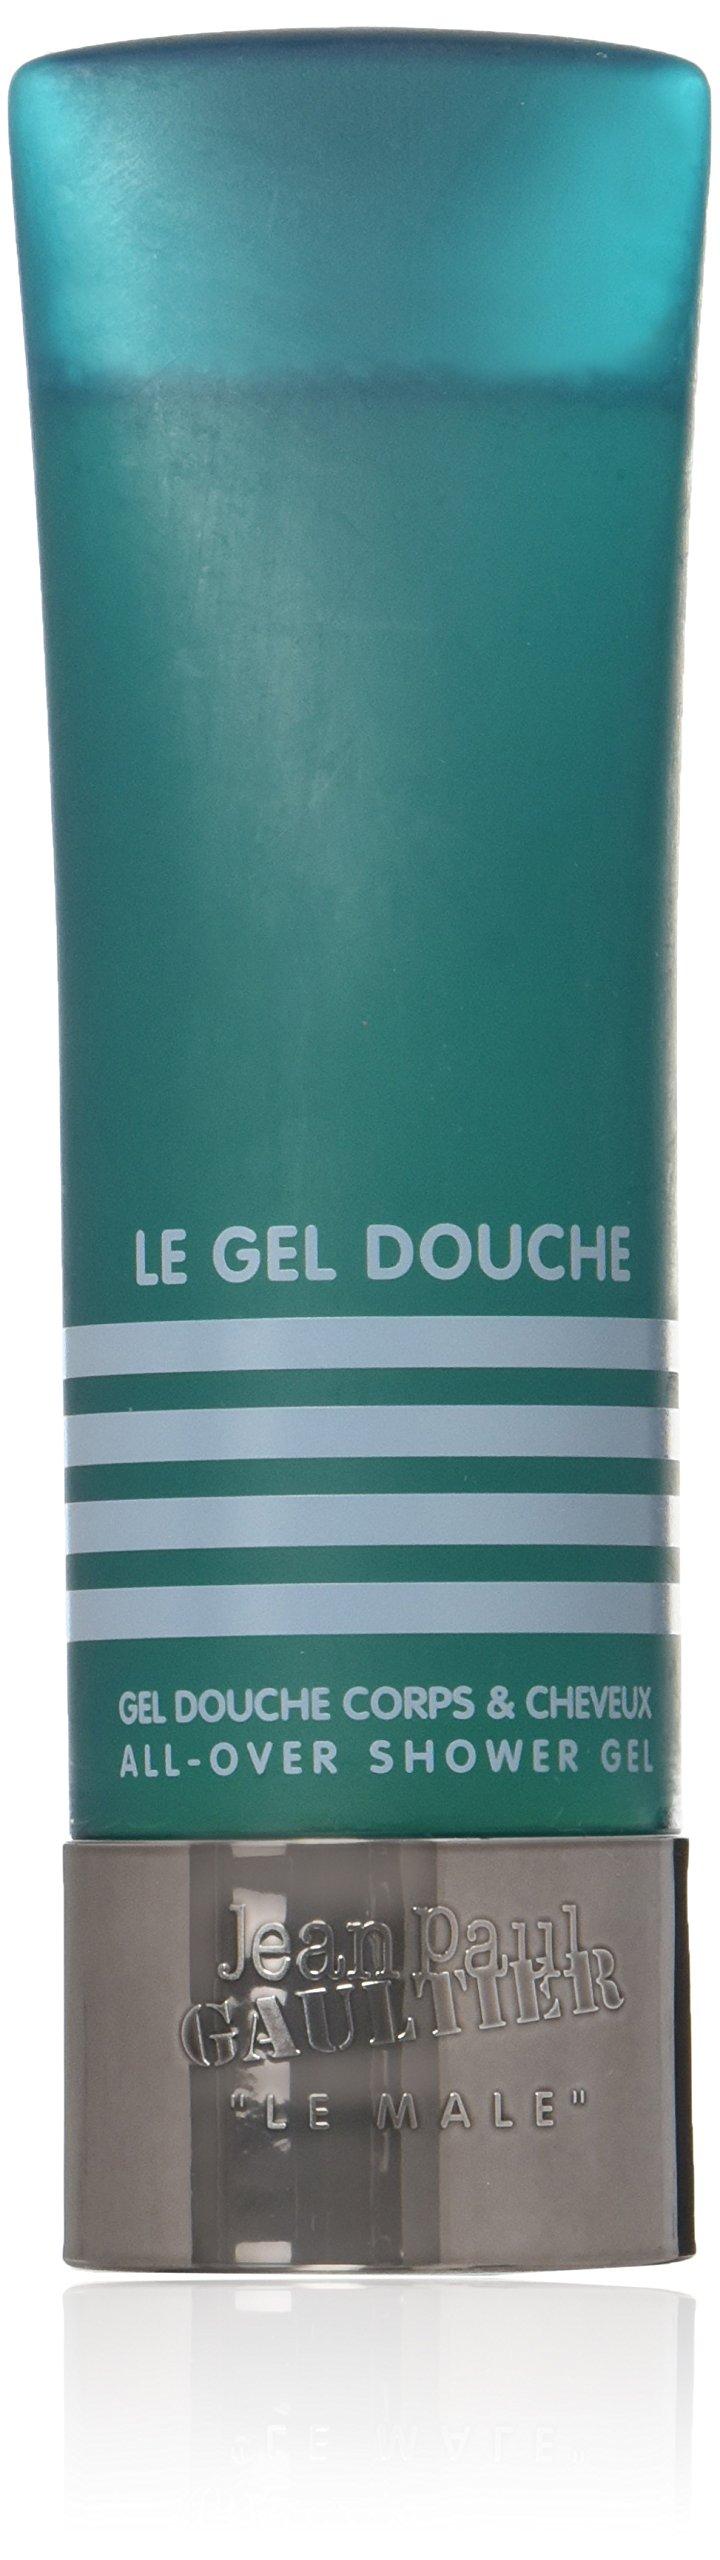 Jean Paul Gaultier 157502 Gaultier Shower Gel 6.8 oz.